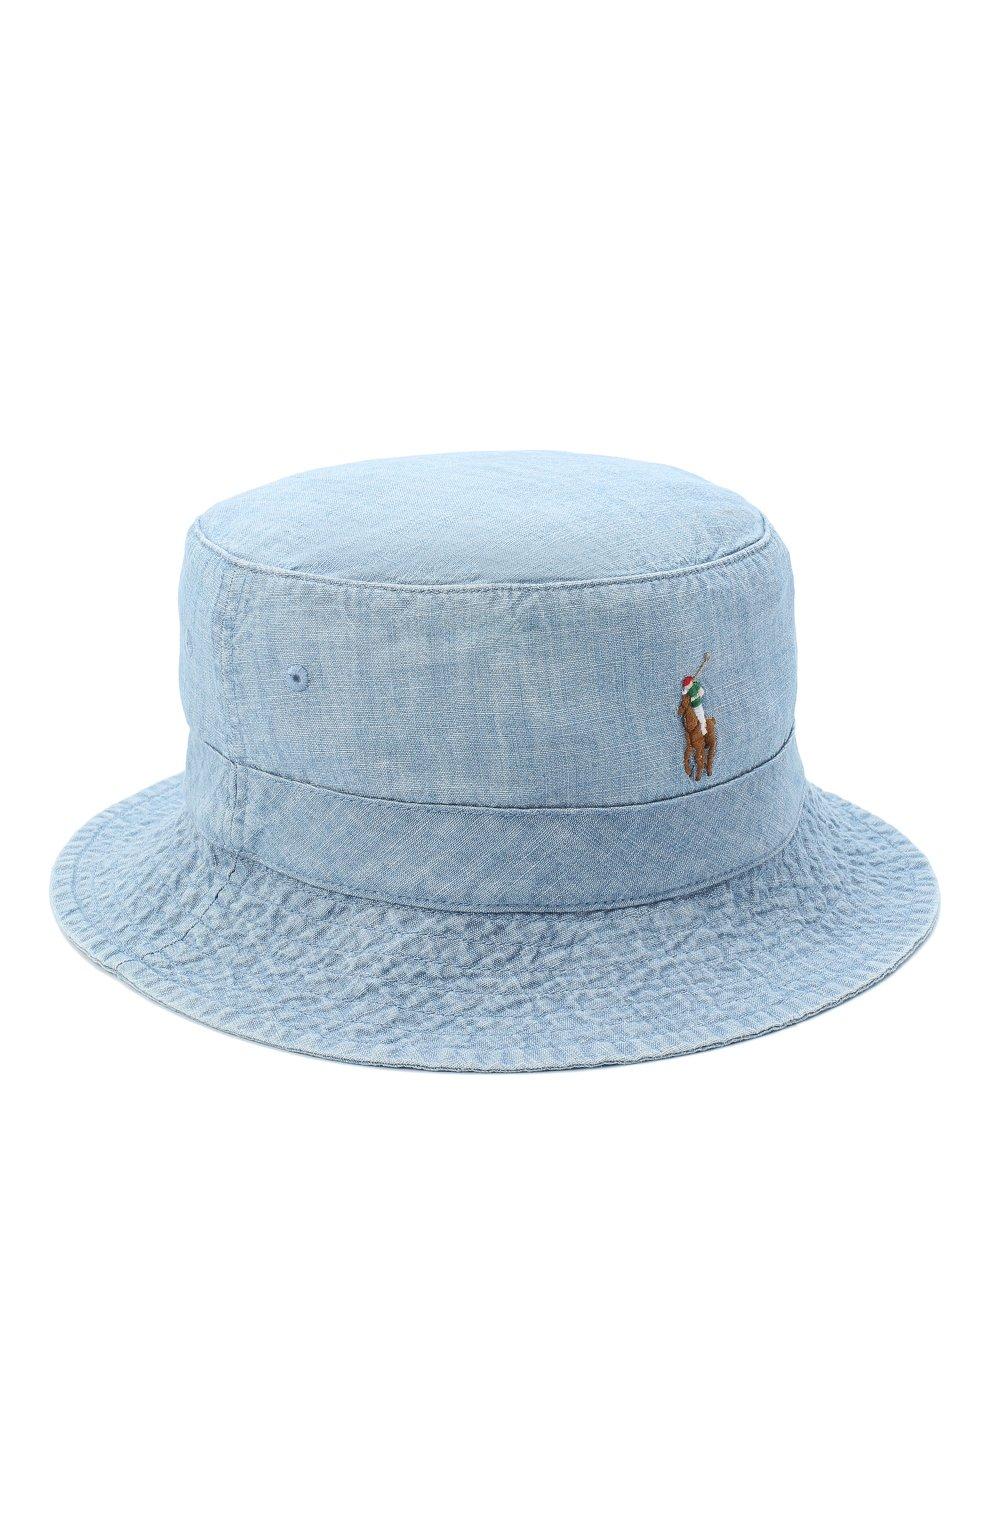 Мужская хлопковая панама POLO RALPH LAUREN голубого цвета, арт. 710798566 | Фото 1